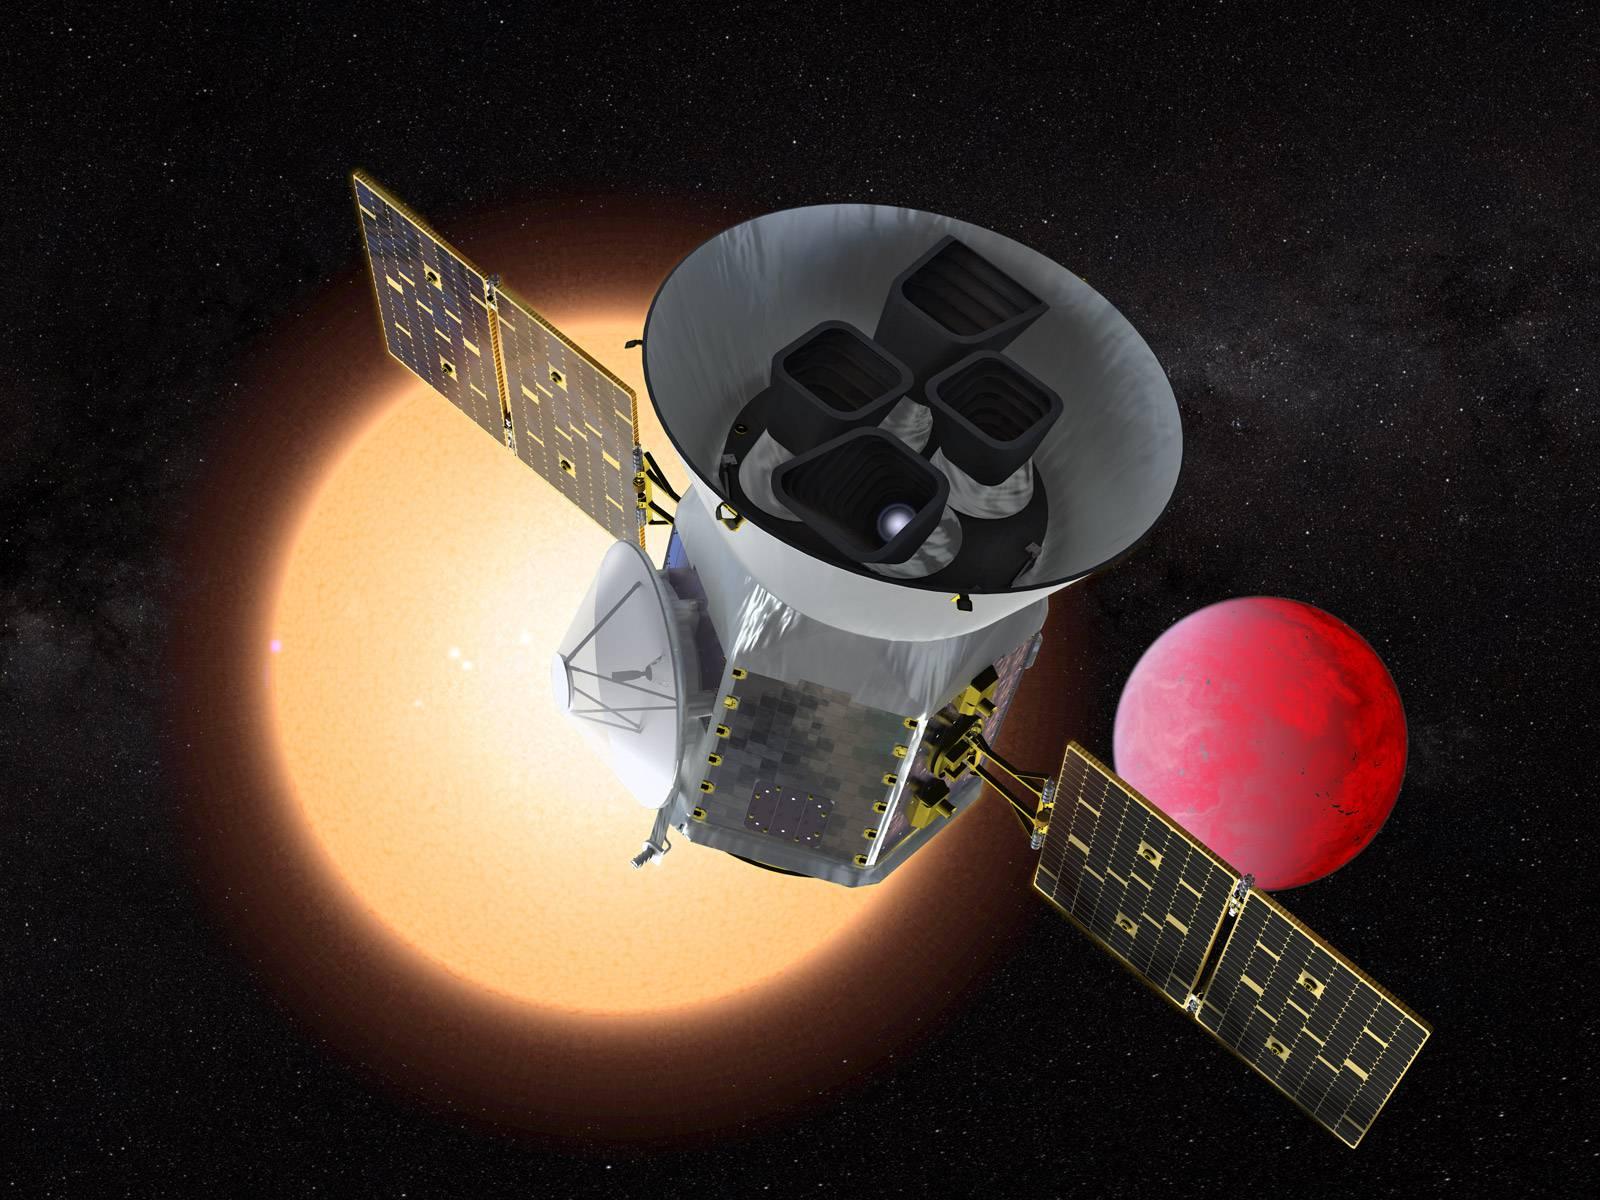 Nova NASA-ina nada: Sonda će u svemiru loviti 'male zelene'